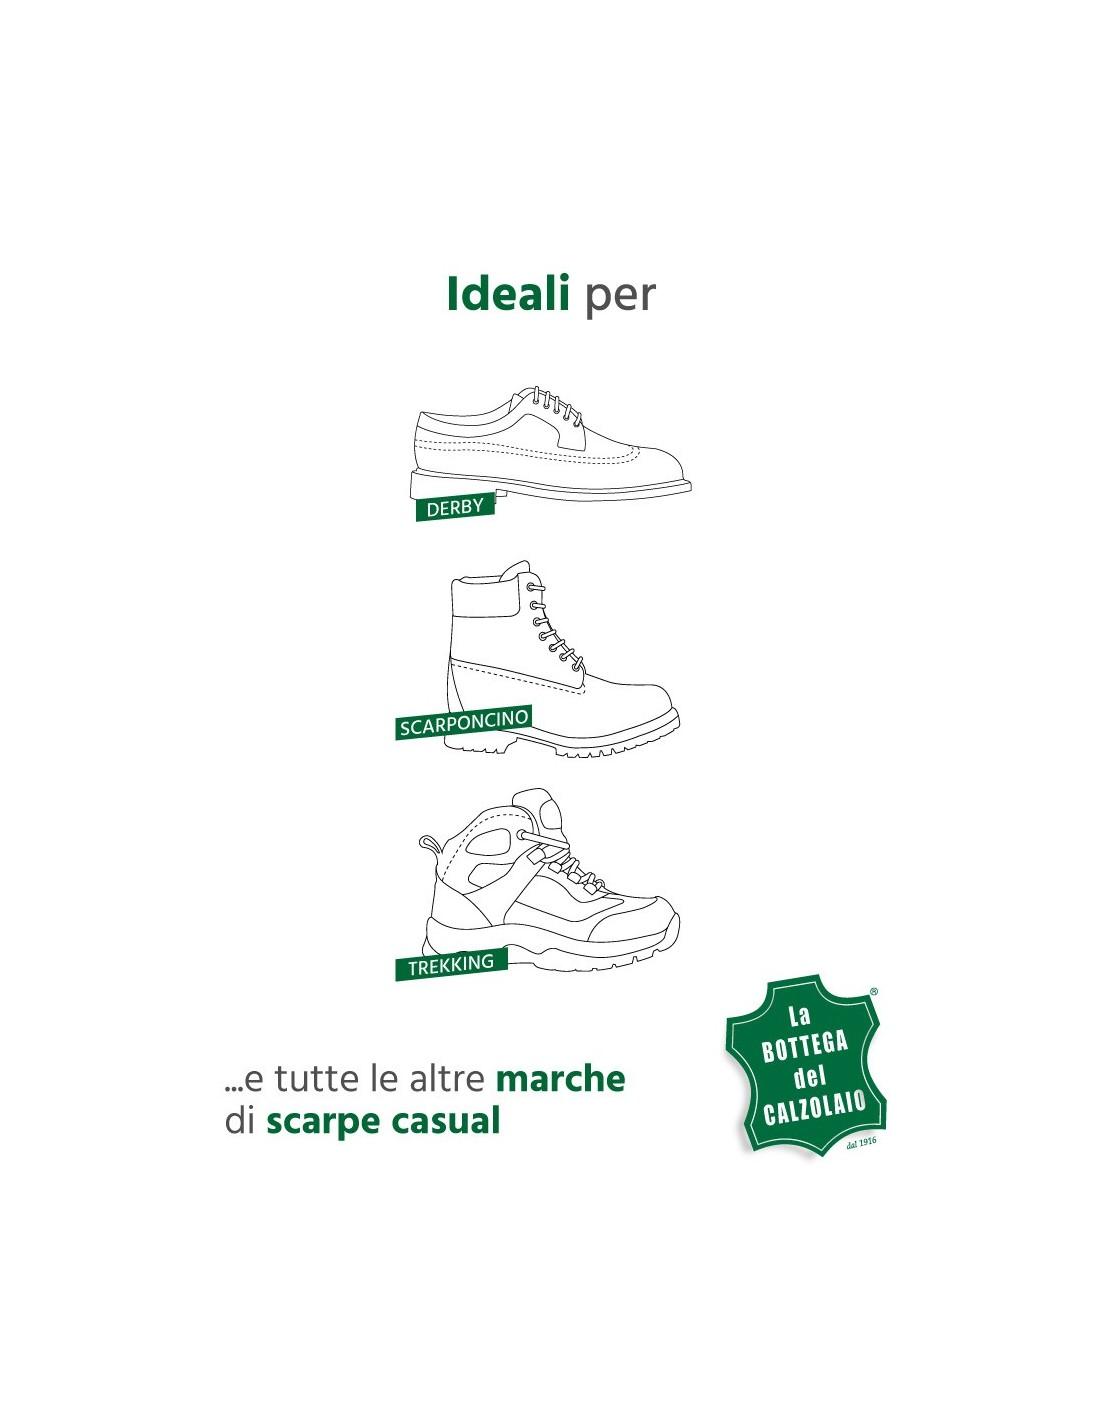 Lacci scarpe tondi in 100% cotone ideali per scarponi da montagna bec508376ea